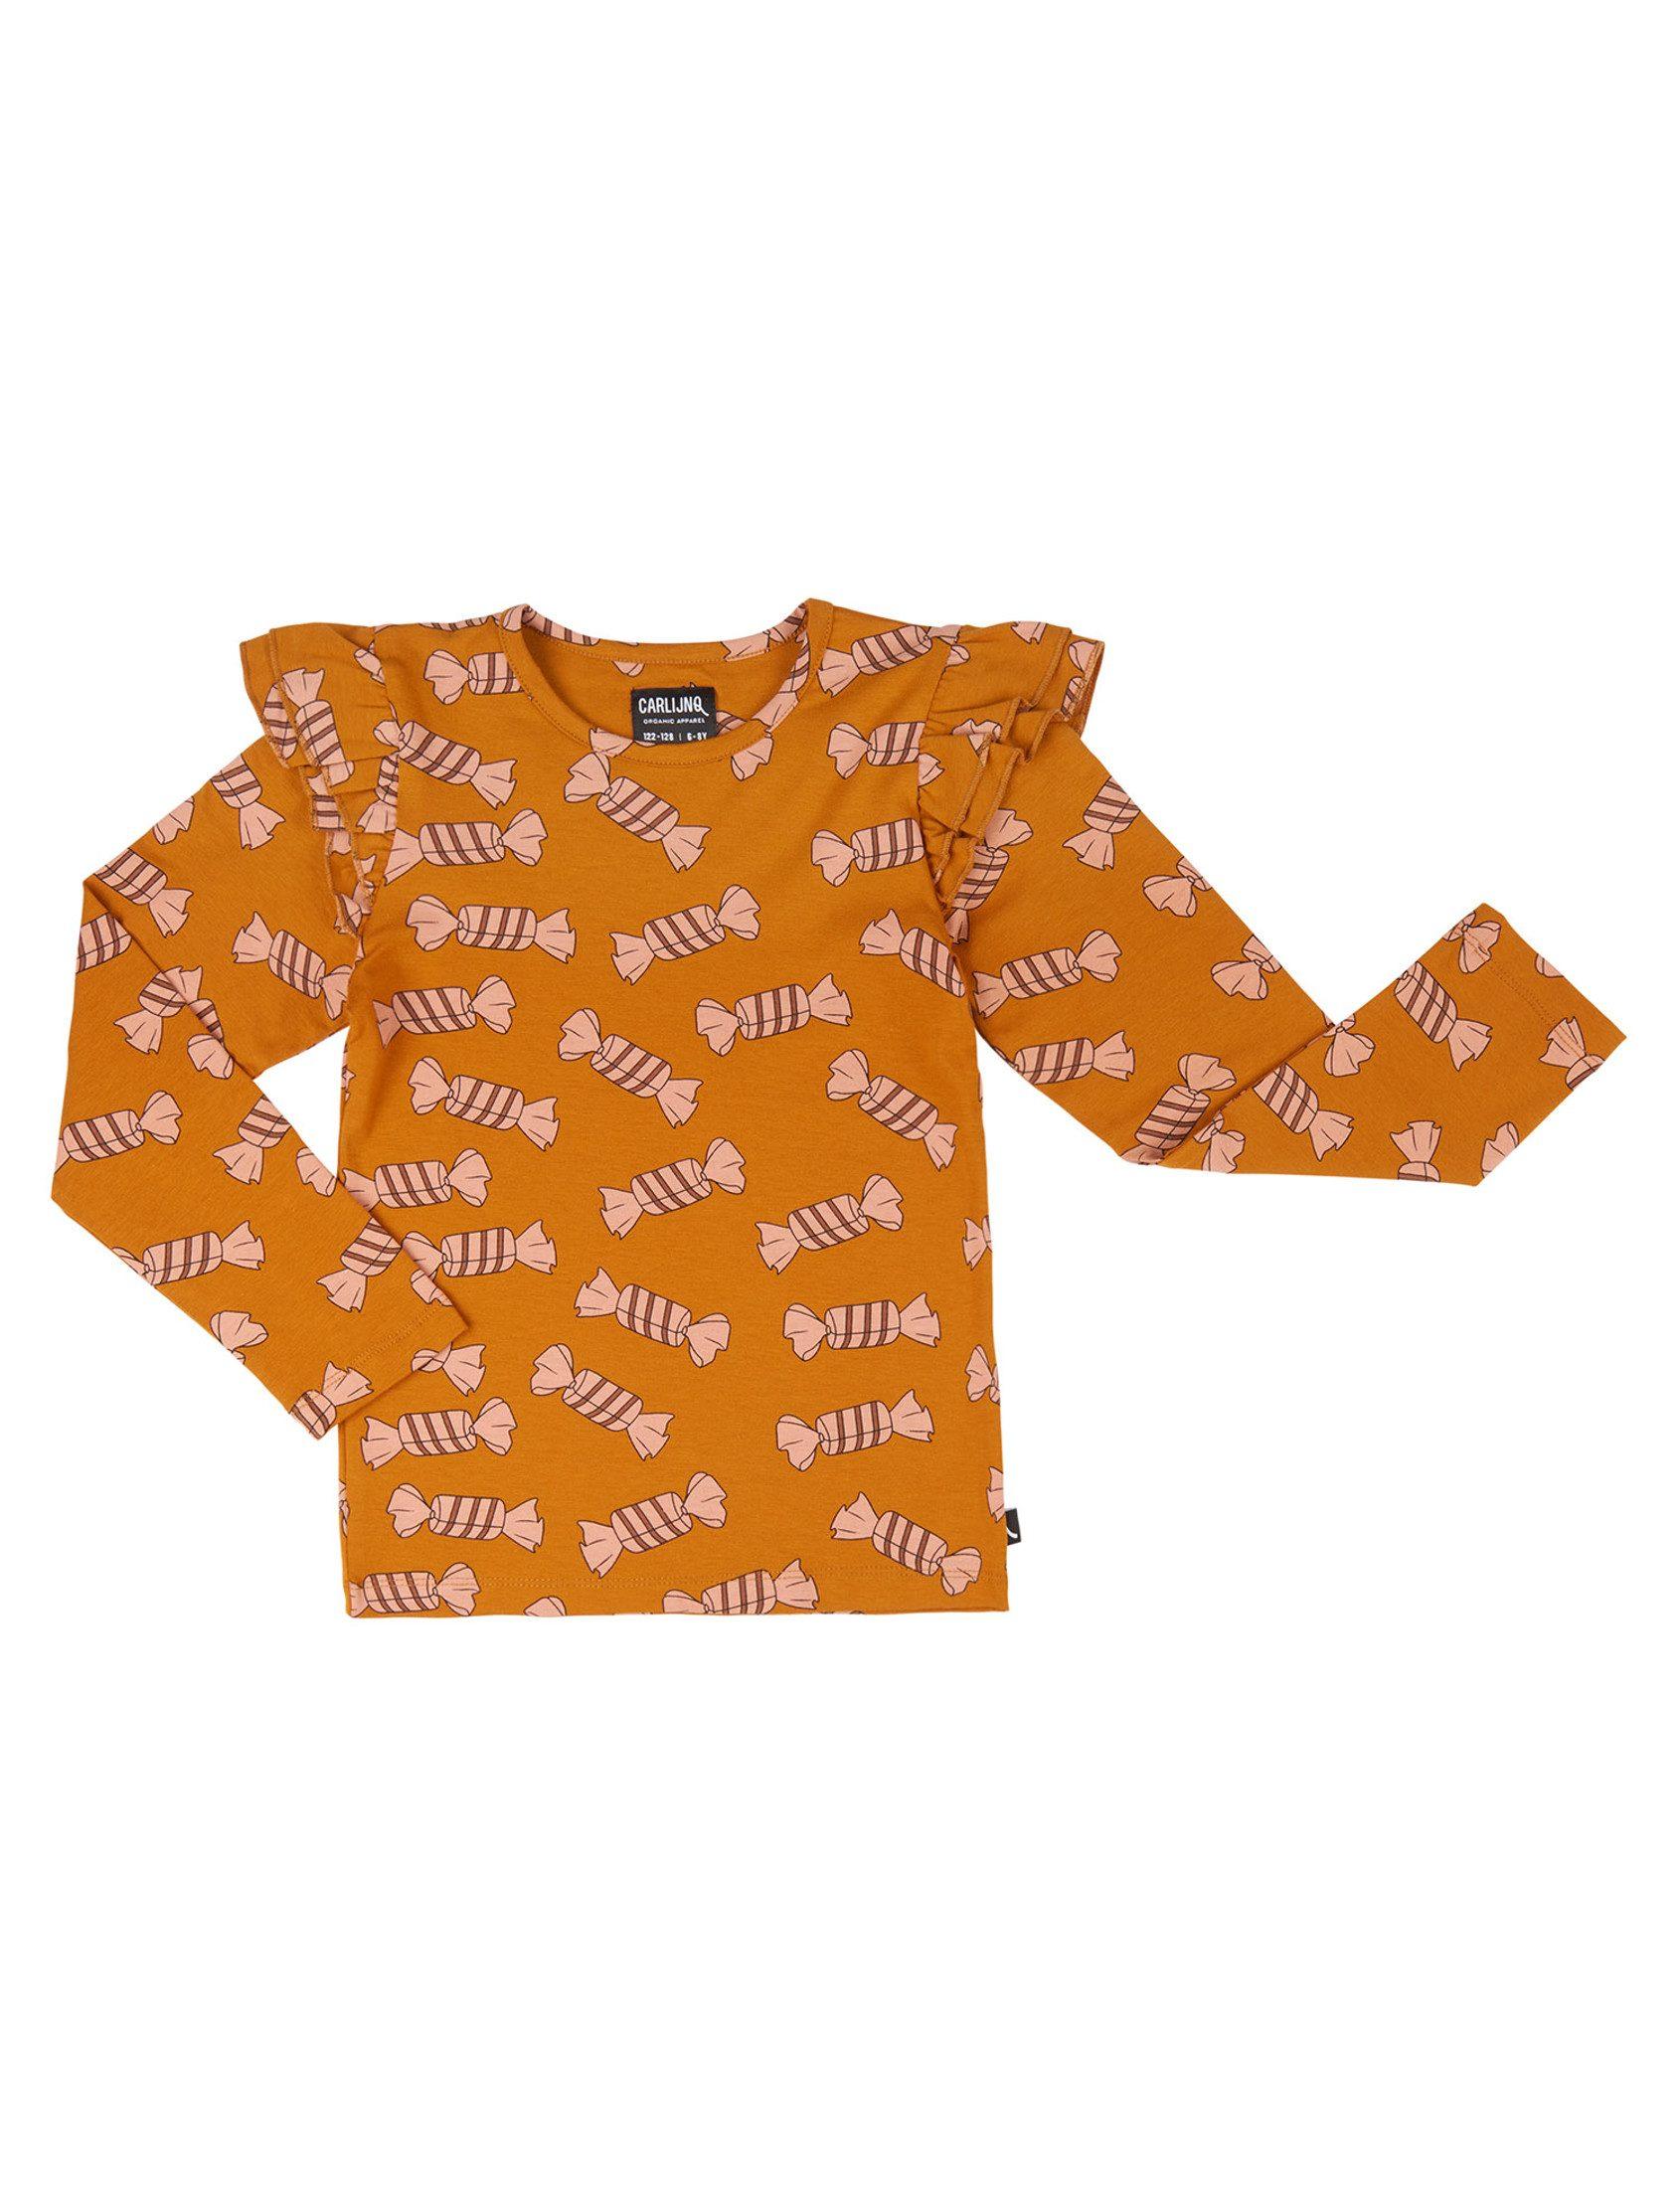 Camiseta Candy Carlinjq camiseta de manga larga a base de canela con estampado de caramelo en todo el cuerpo en rosa y volantes en los hombros.